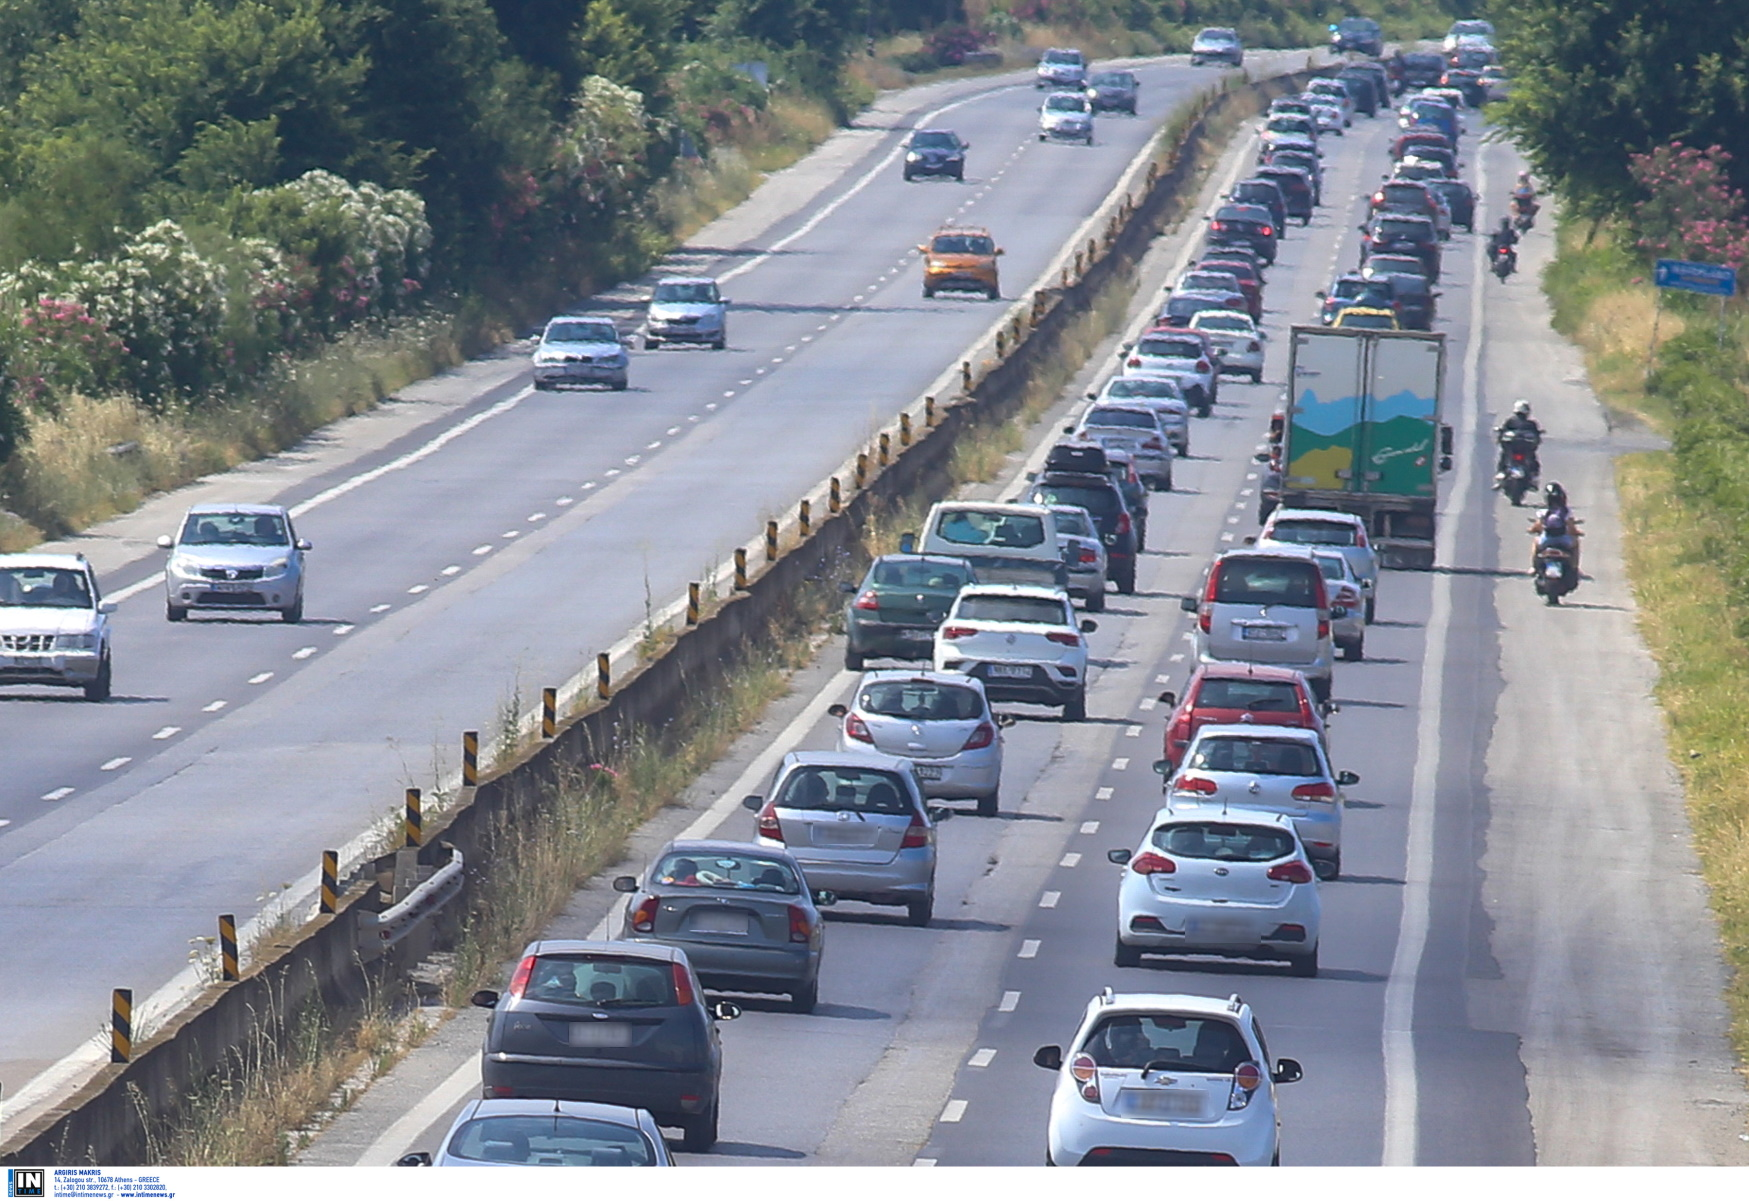 «Φακελώνονται» ηλεκτρονικά όλα τα αυτοκίνητα – Σε ποια στοιχεία θα έχουν άμεσα πρόσβαση οι Αρχές